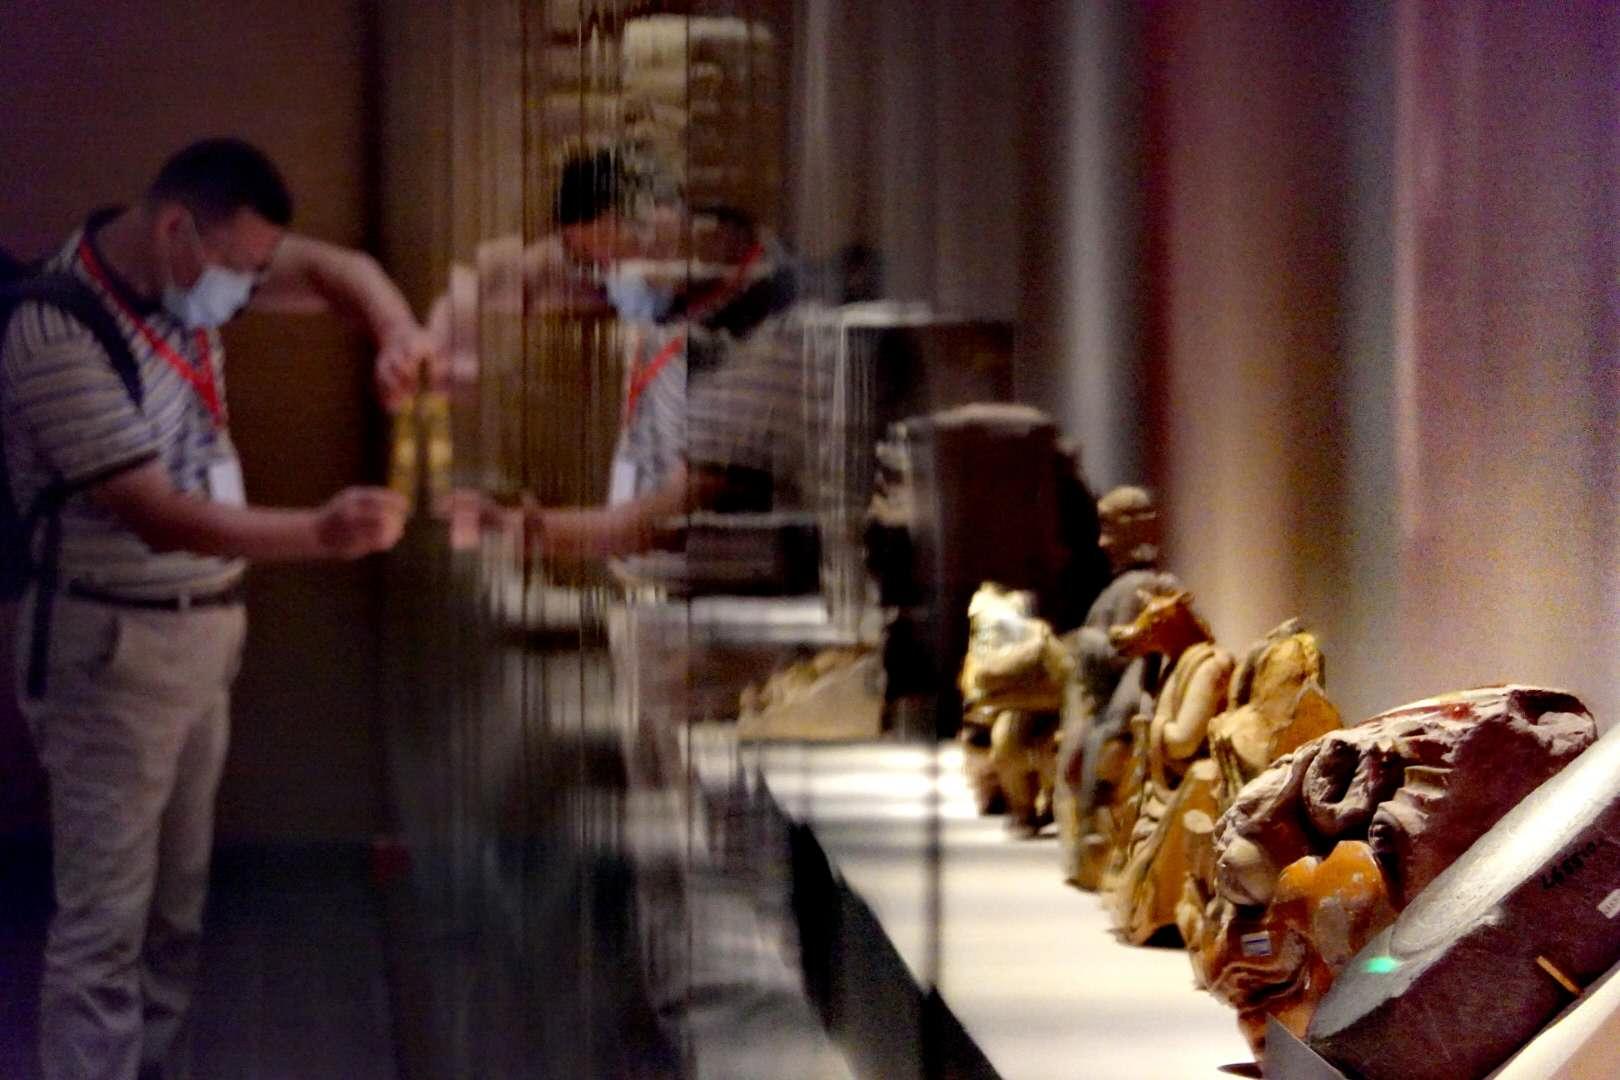 紫禁城建成六百年大展登场 深宫漆纱两百年来首展出_图1-2